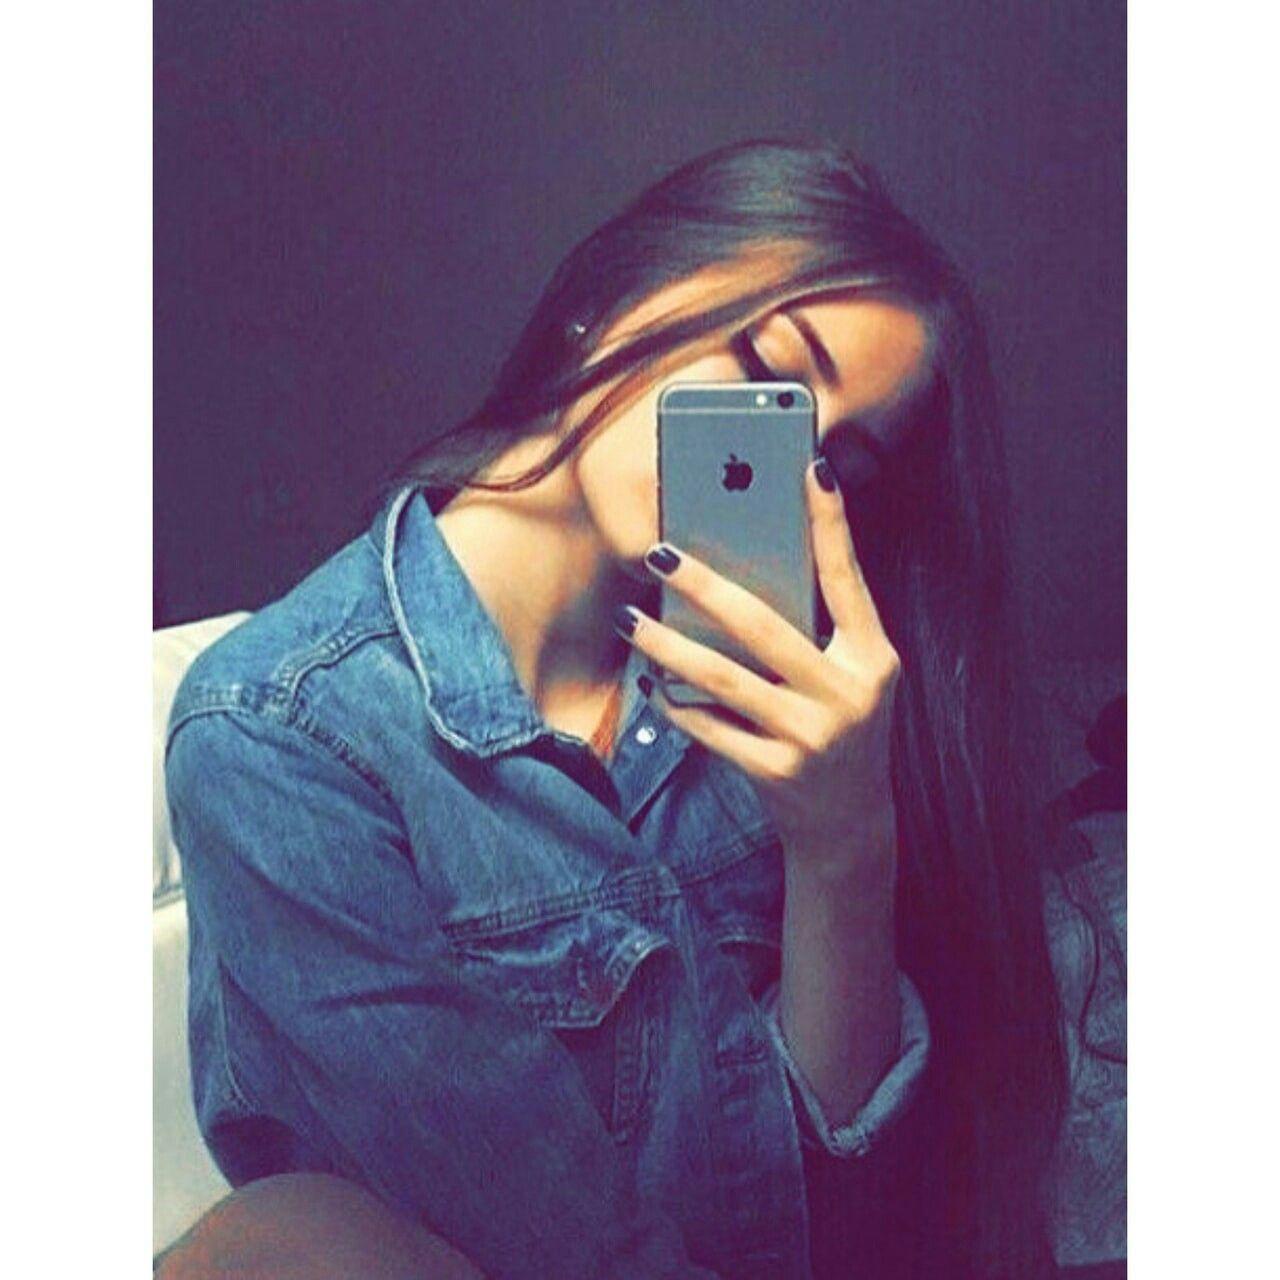 للبروفايل افتارات Teenage Girl Photography Pretty Girls Selfies Photo Ideas Girl